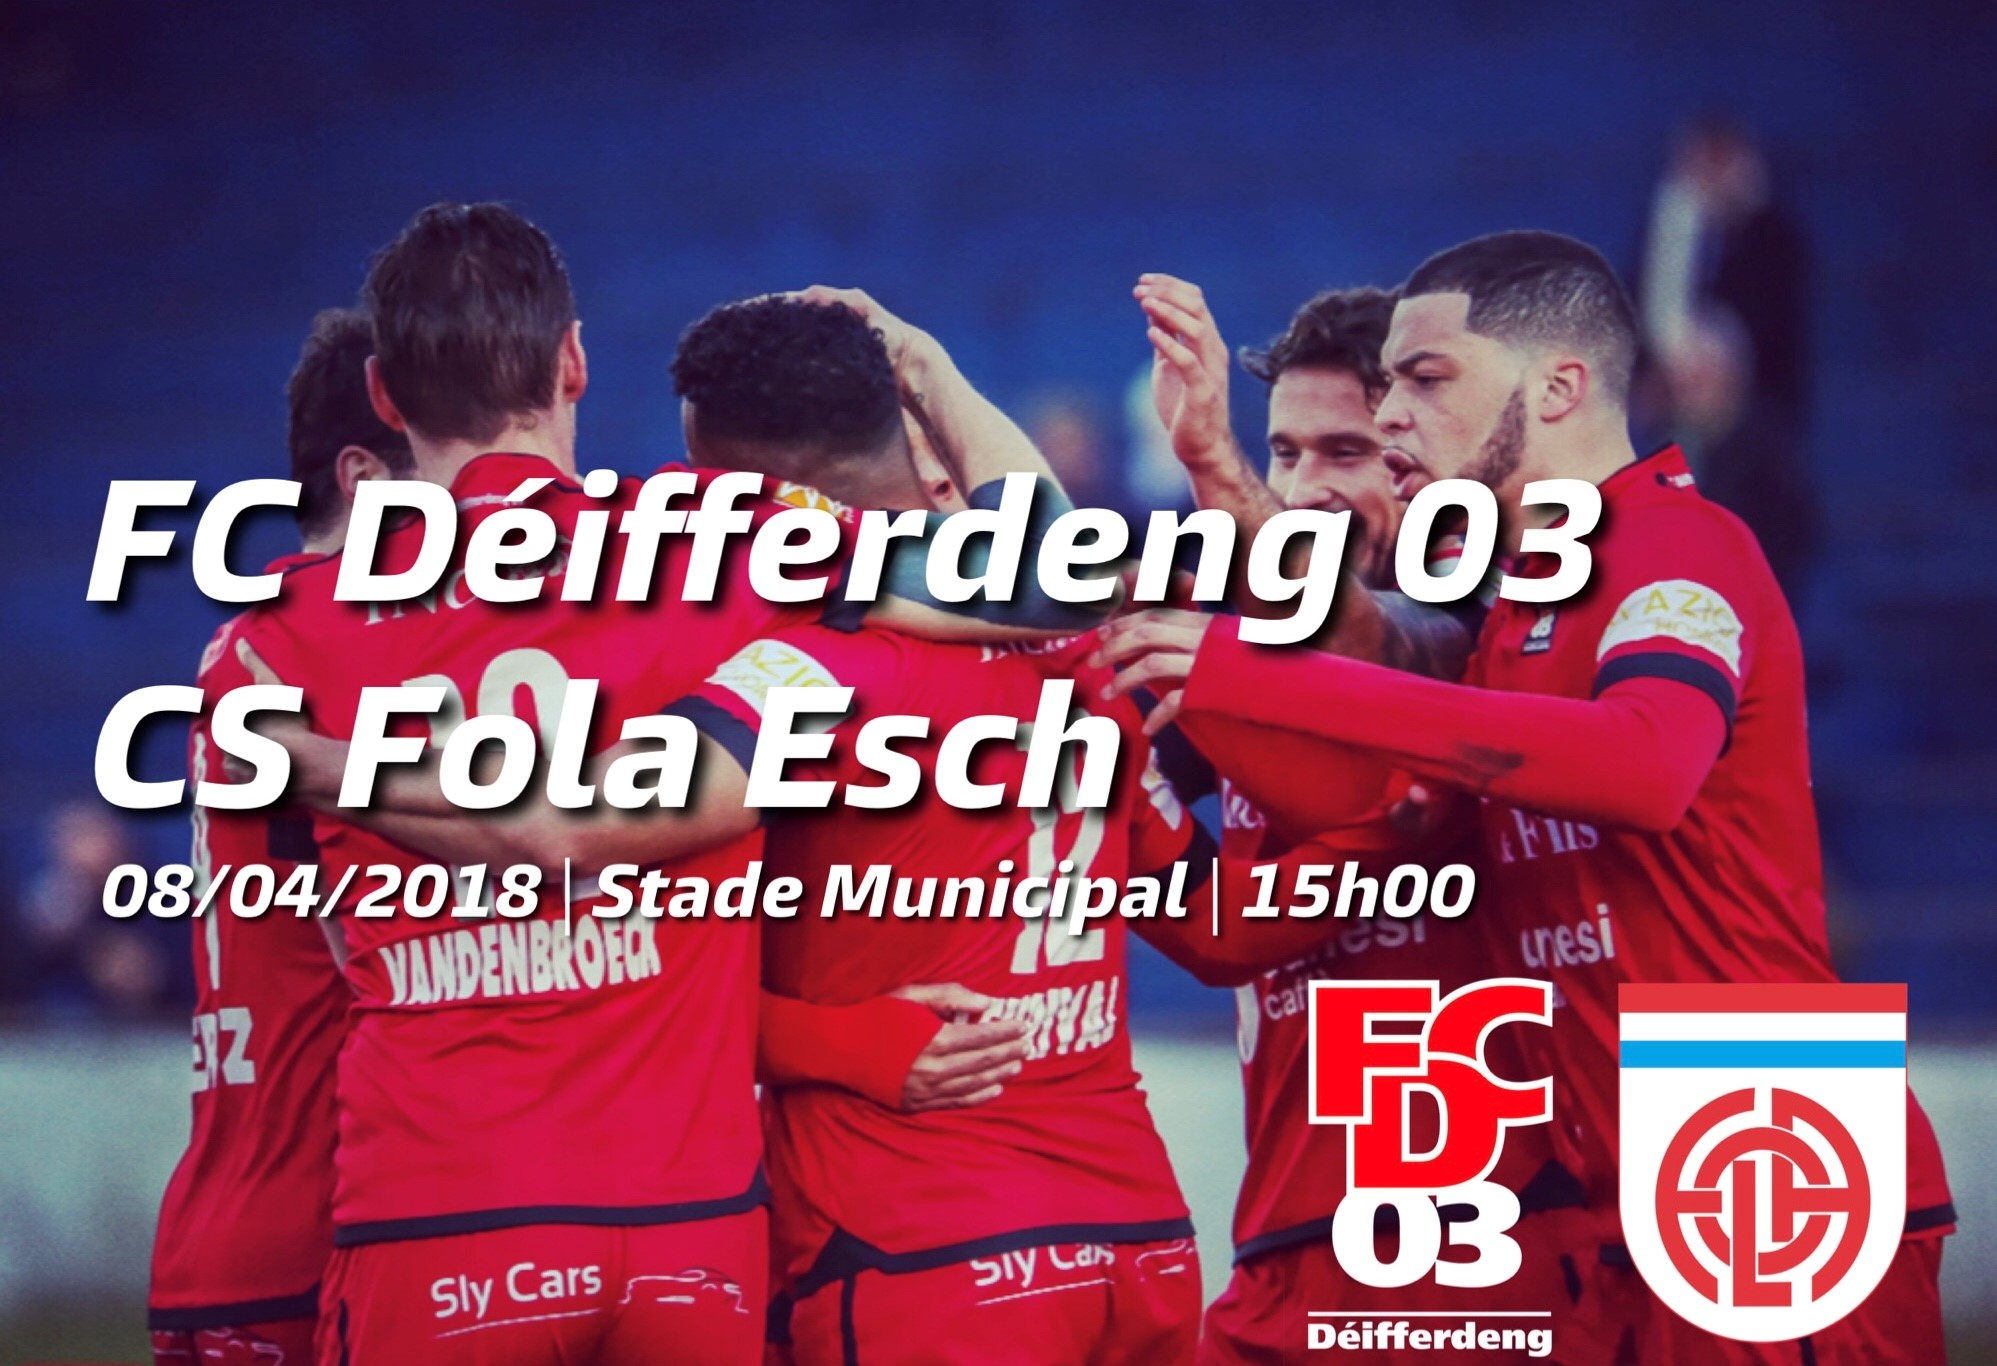 FC Déifferdeng 03 - Fola Esch